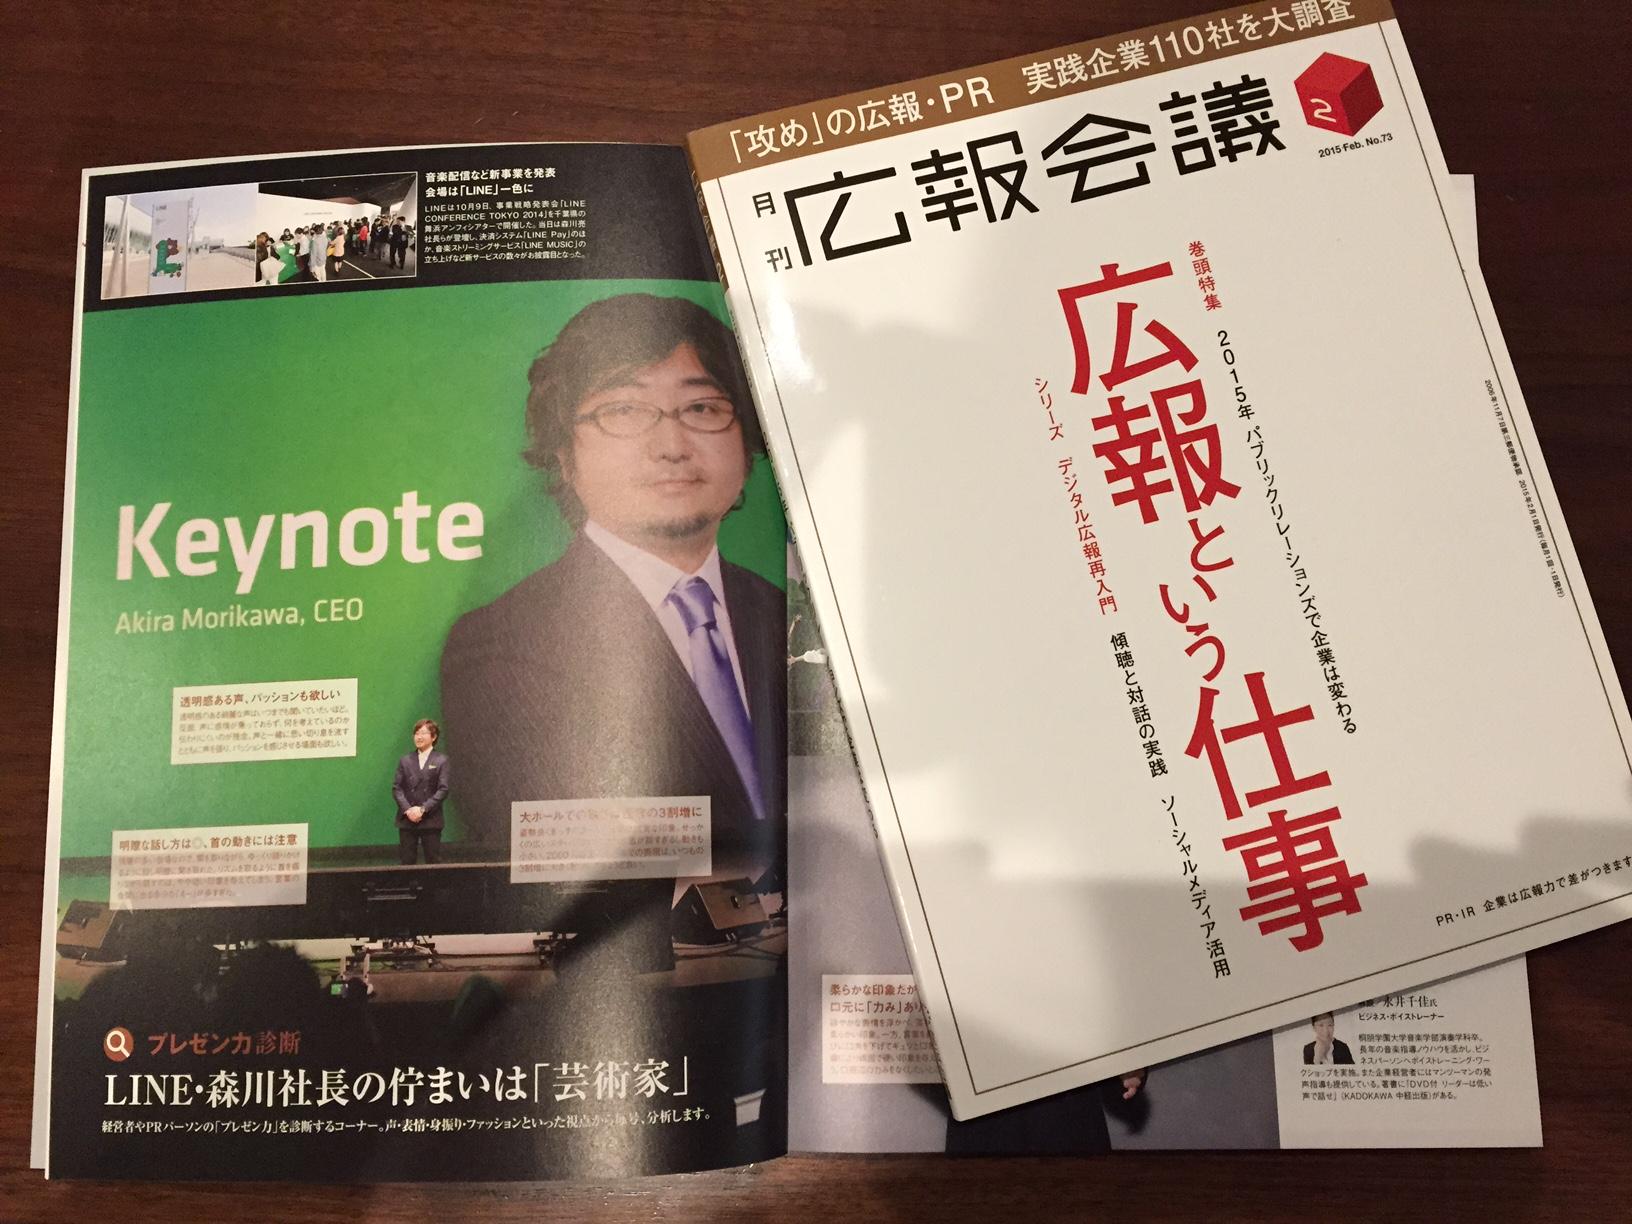 広報会議森川社長写真IMG_2036.JPG